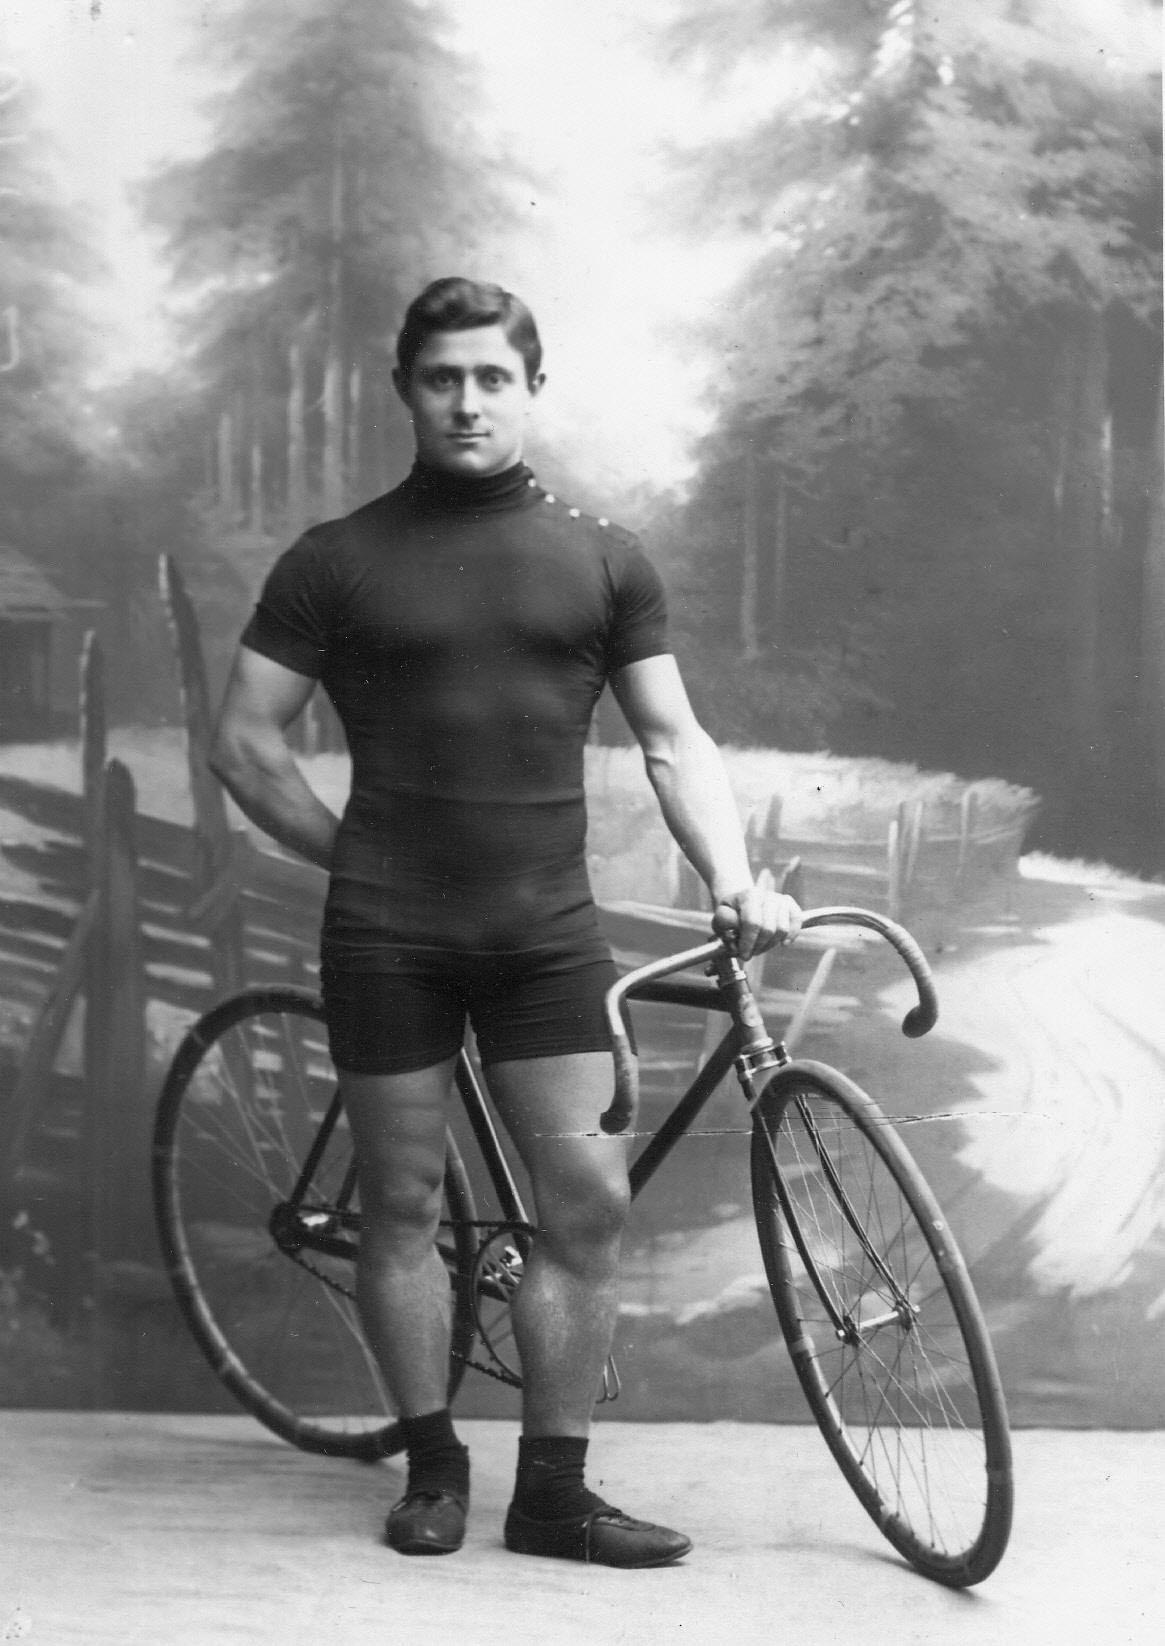 Генрих Столь, участник велогонок от США, с велосипедом. До 1915